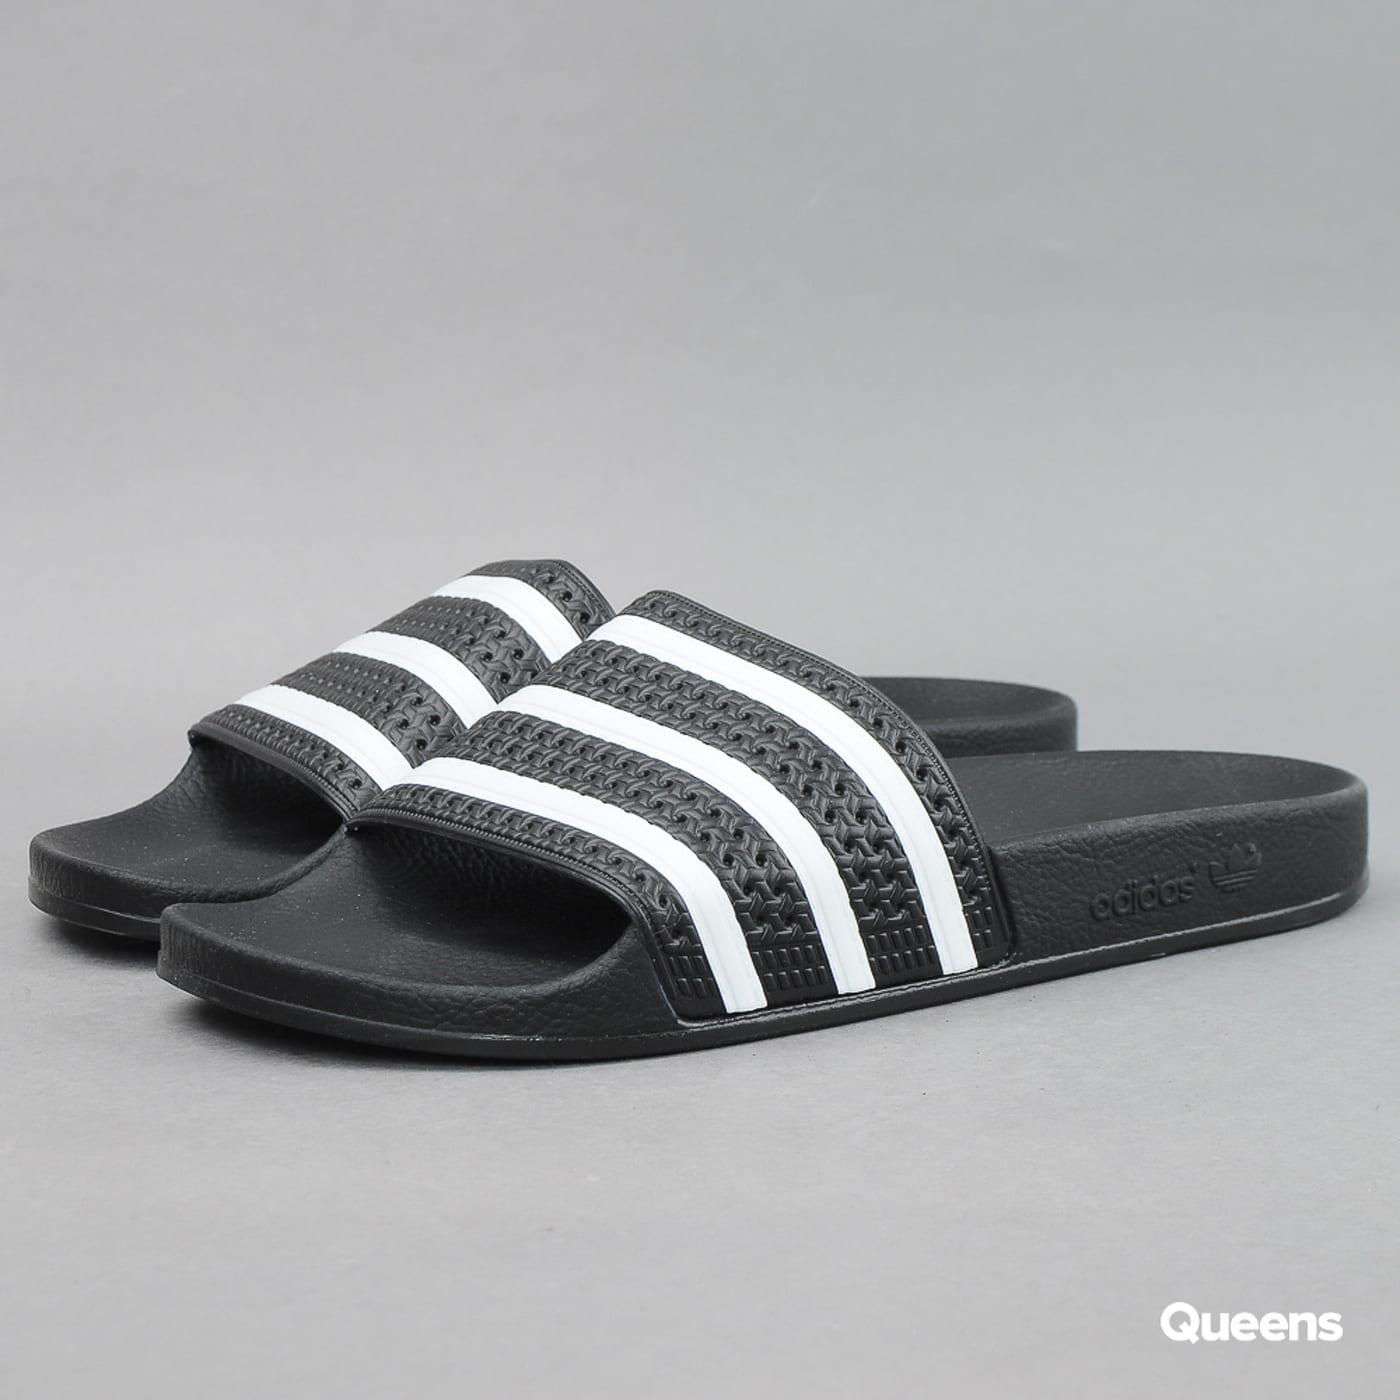 adidas Originals Adilette black1 / wht / black1